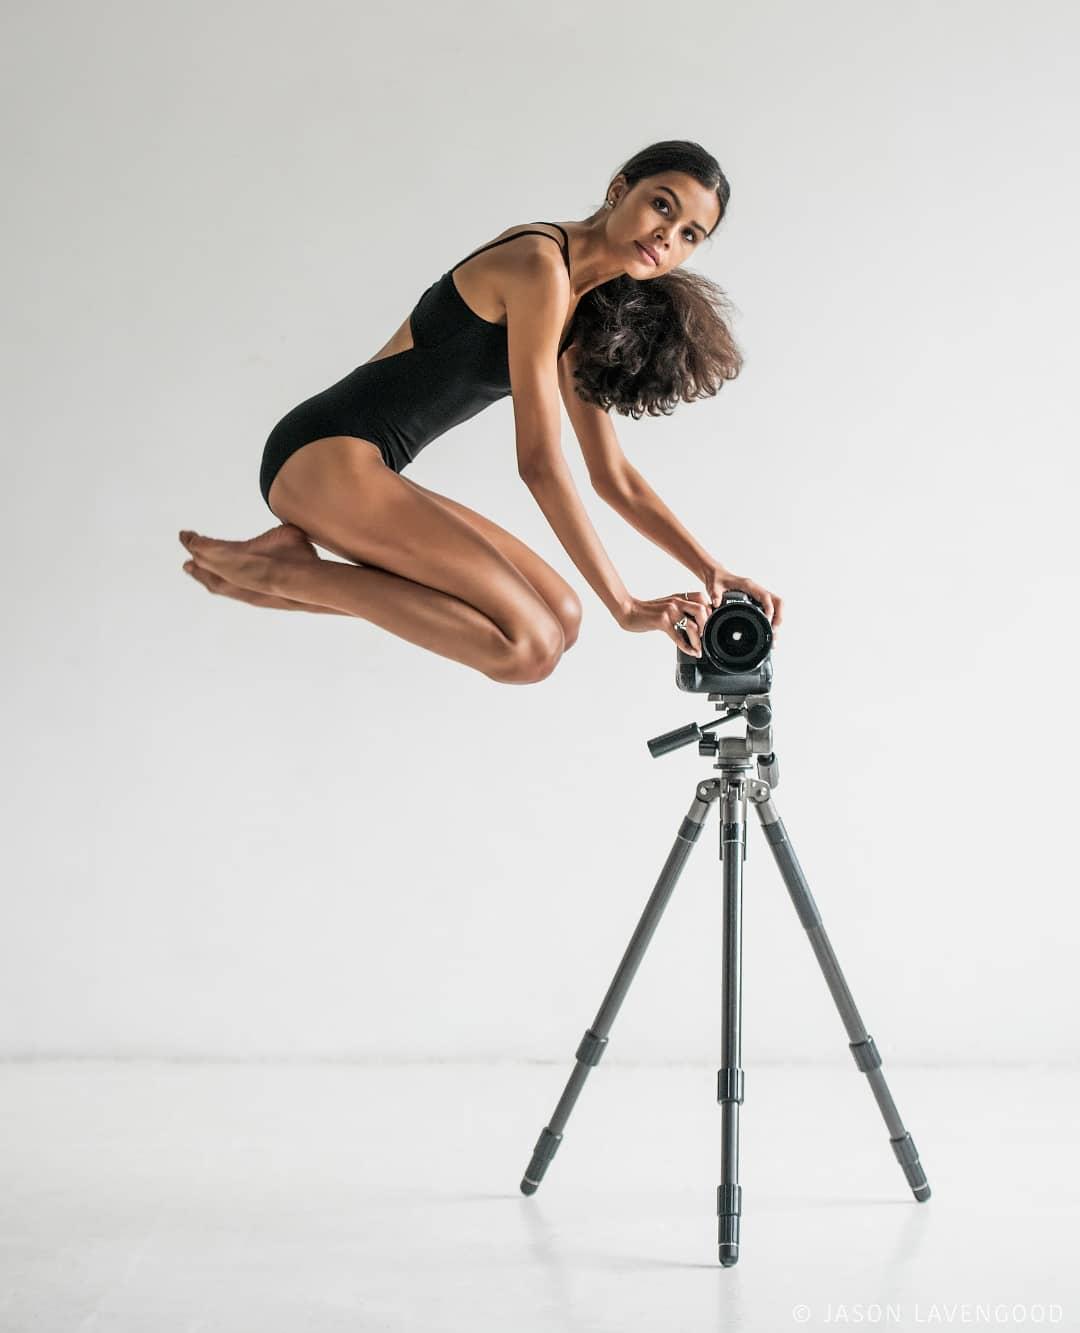 Эта балерина еще только начинает свой путь, но уже поразила мир своей гибкостью